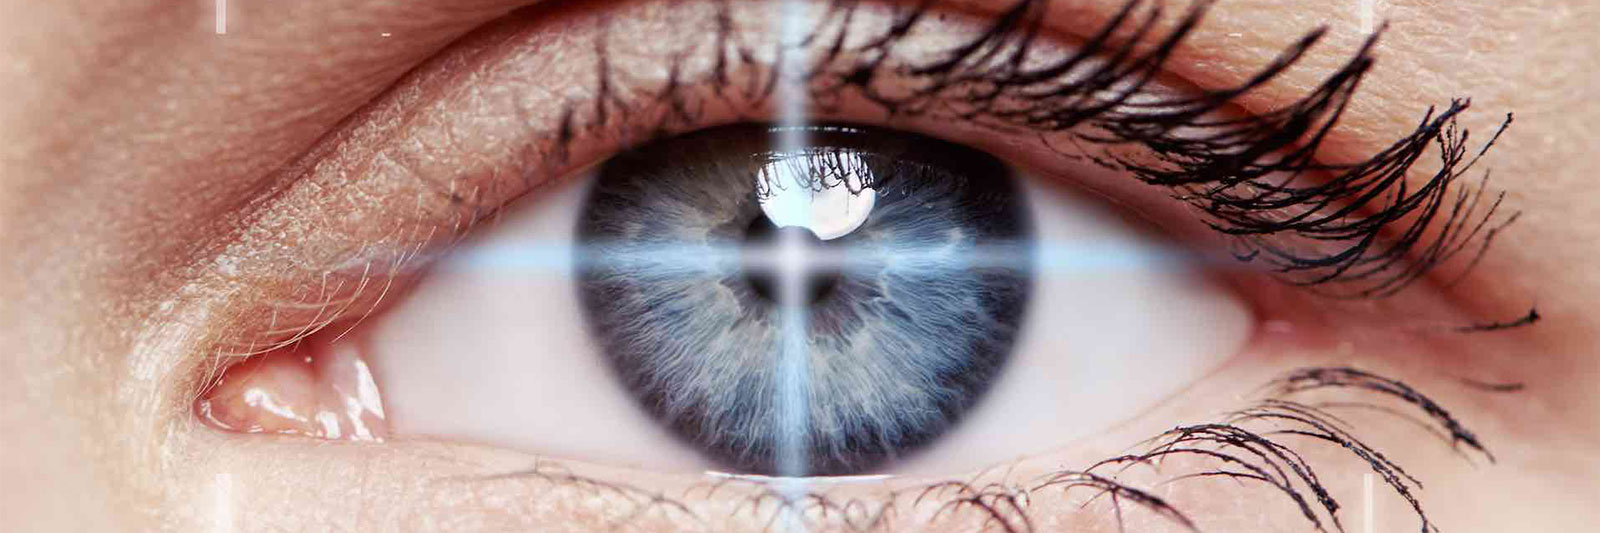 زراعة قرنية العين